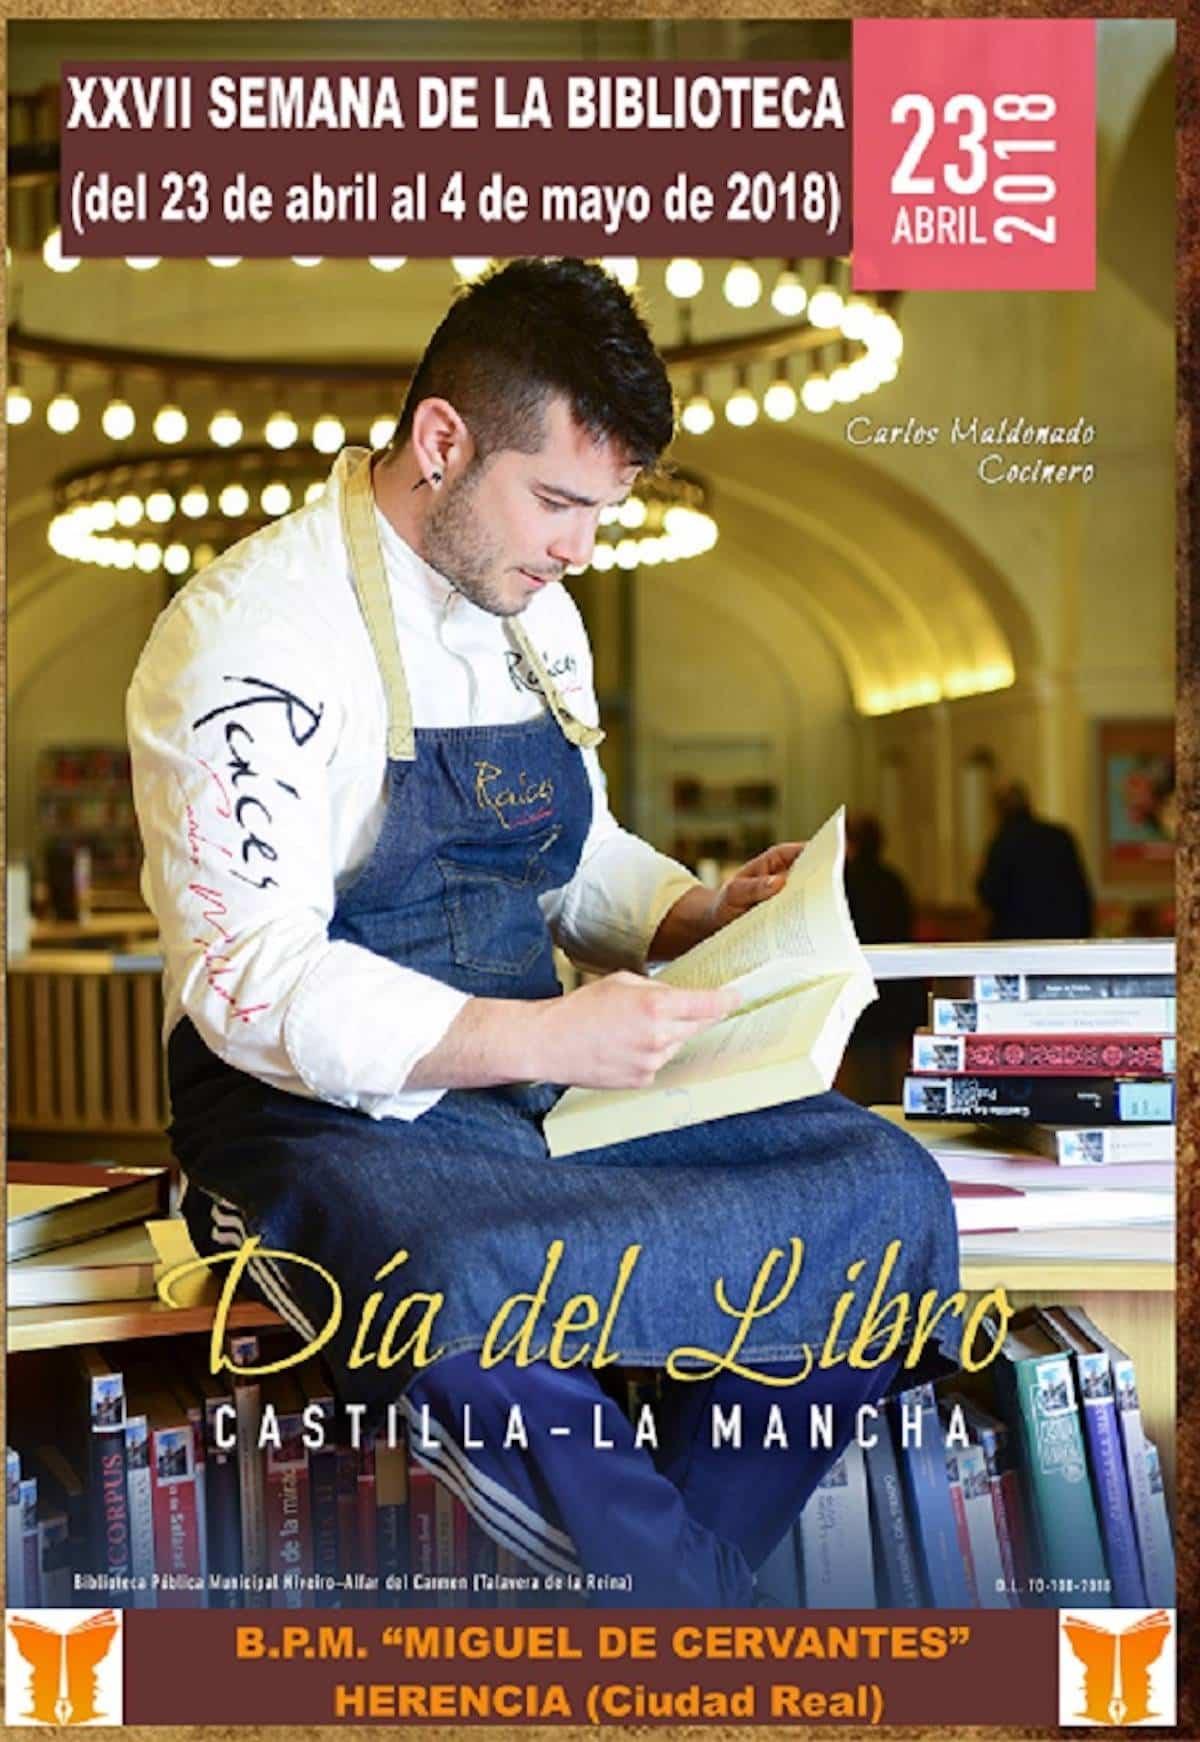 dia del libro 2018 herencia - XXVII Semana de la Biblioteca en Herencia